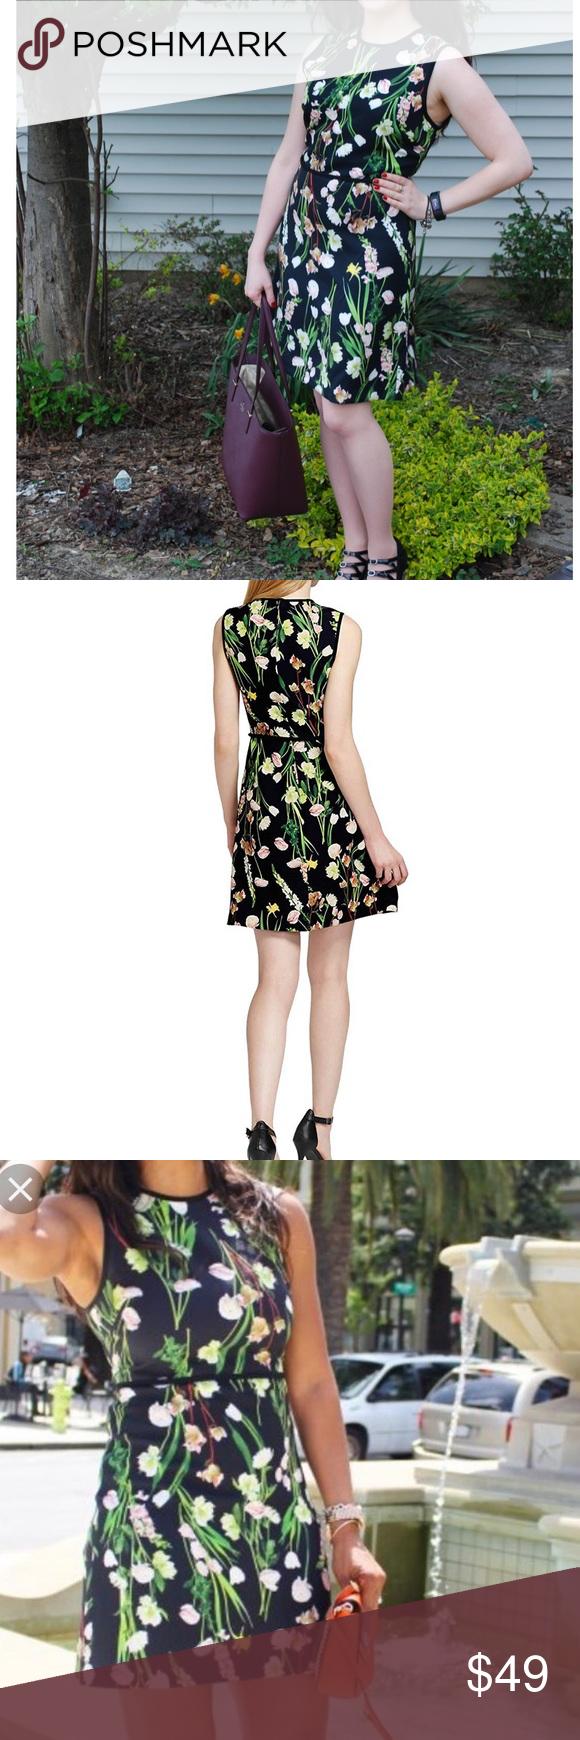 Victoria Beckham For Target Black Floral Dress S Floral Dress Black Victoria Beckham Target Clothes Design [ 1740 x 580 Pixel ]